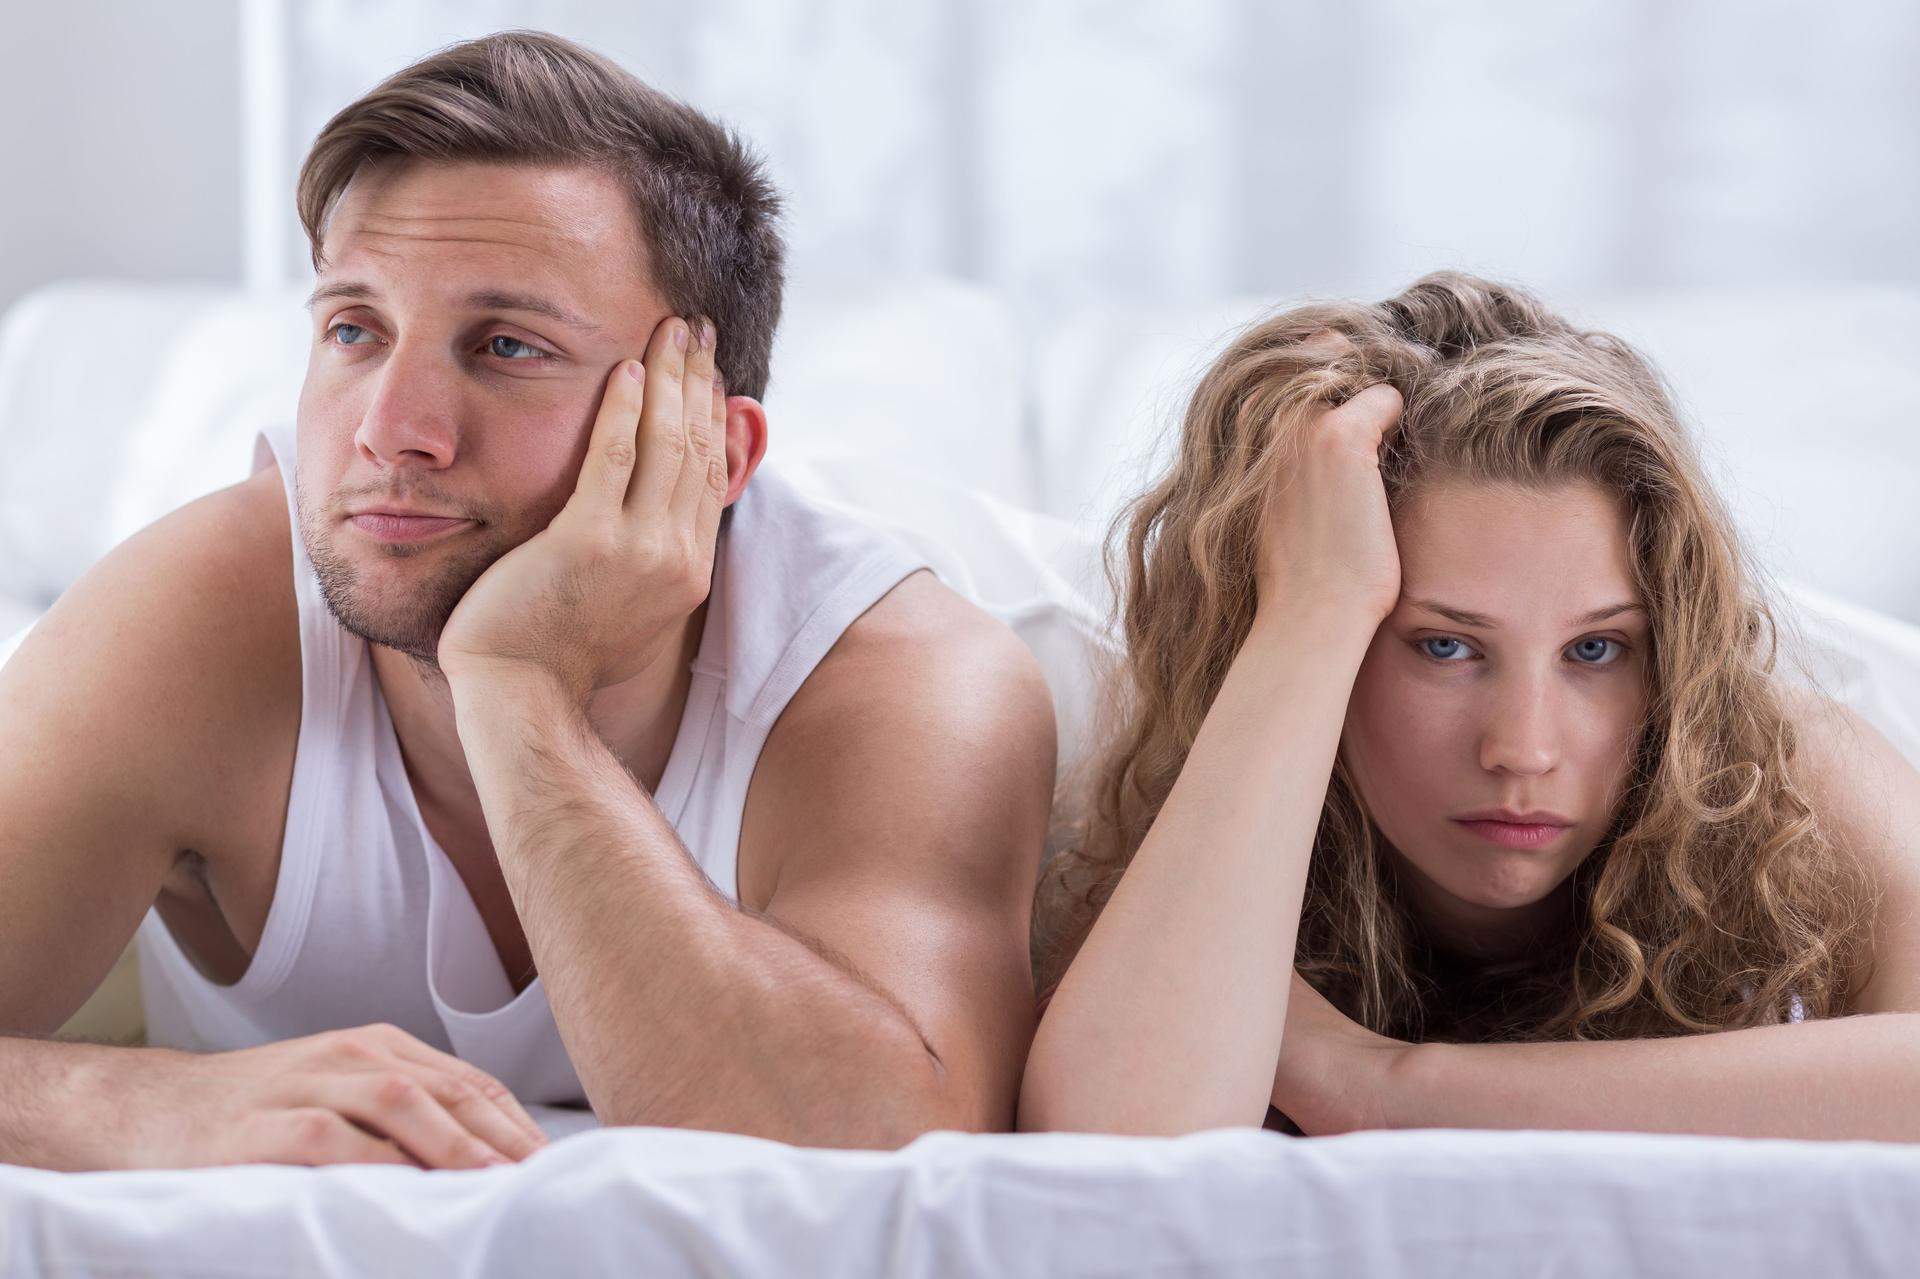 czy abstynencja wpływa na erekcję